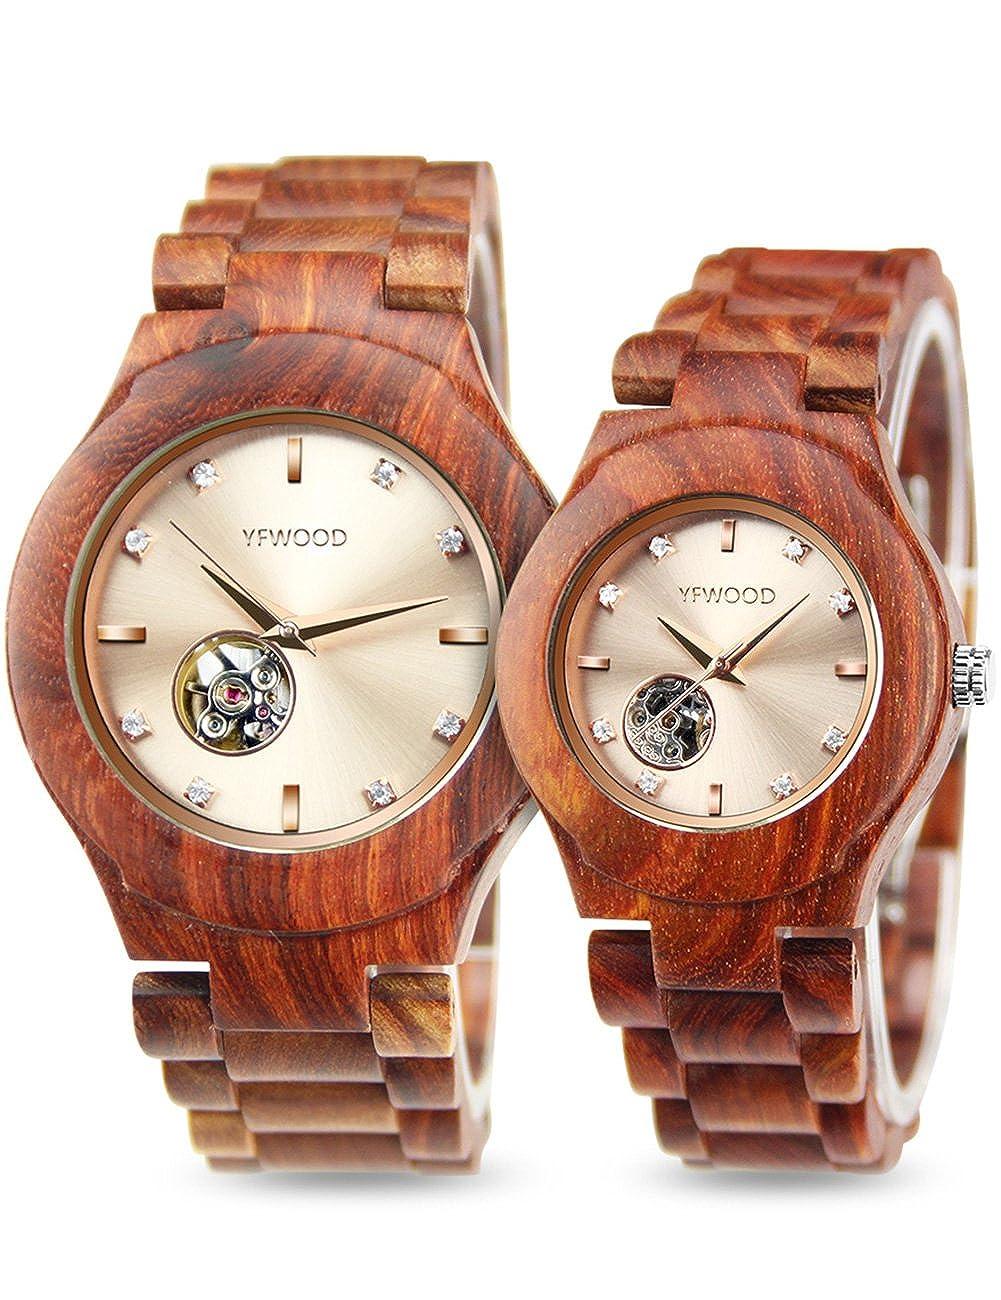 腕時計 ペアウォッチ 自動巻 カップル 赤檀木製腕時計 珍しい美しい木目 1セット時計 背面透かし木の時計 人と被らない 木肌は緻密 銘木で丁寧に作り上げる機械式ウッドウォッチ 高級包装付け ユニセックス レディース 時計 メンズ 時計 | 腕時計 | 腕時計 通販